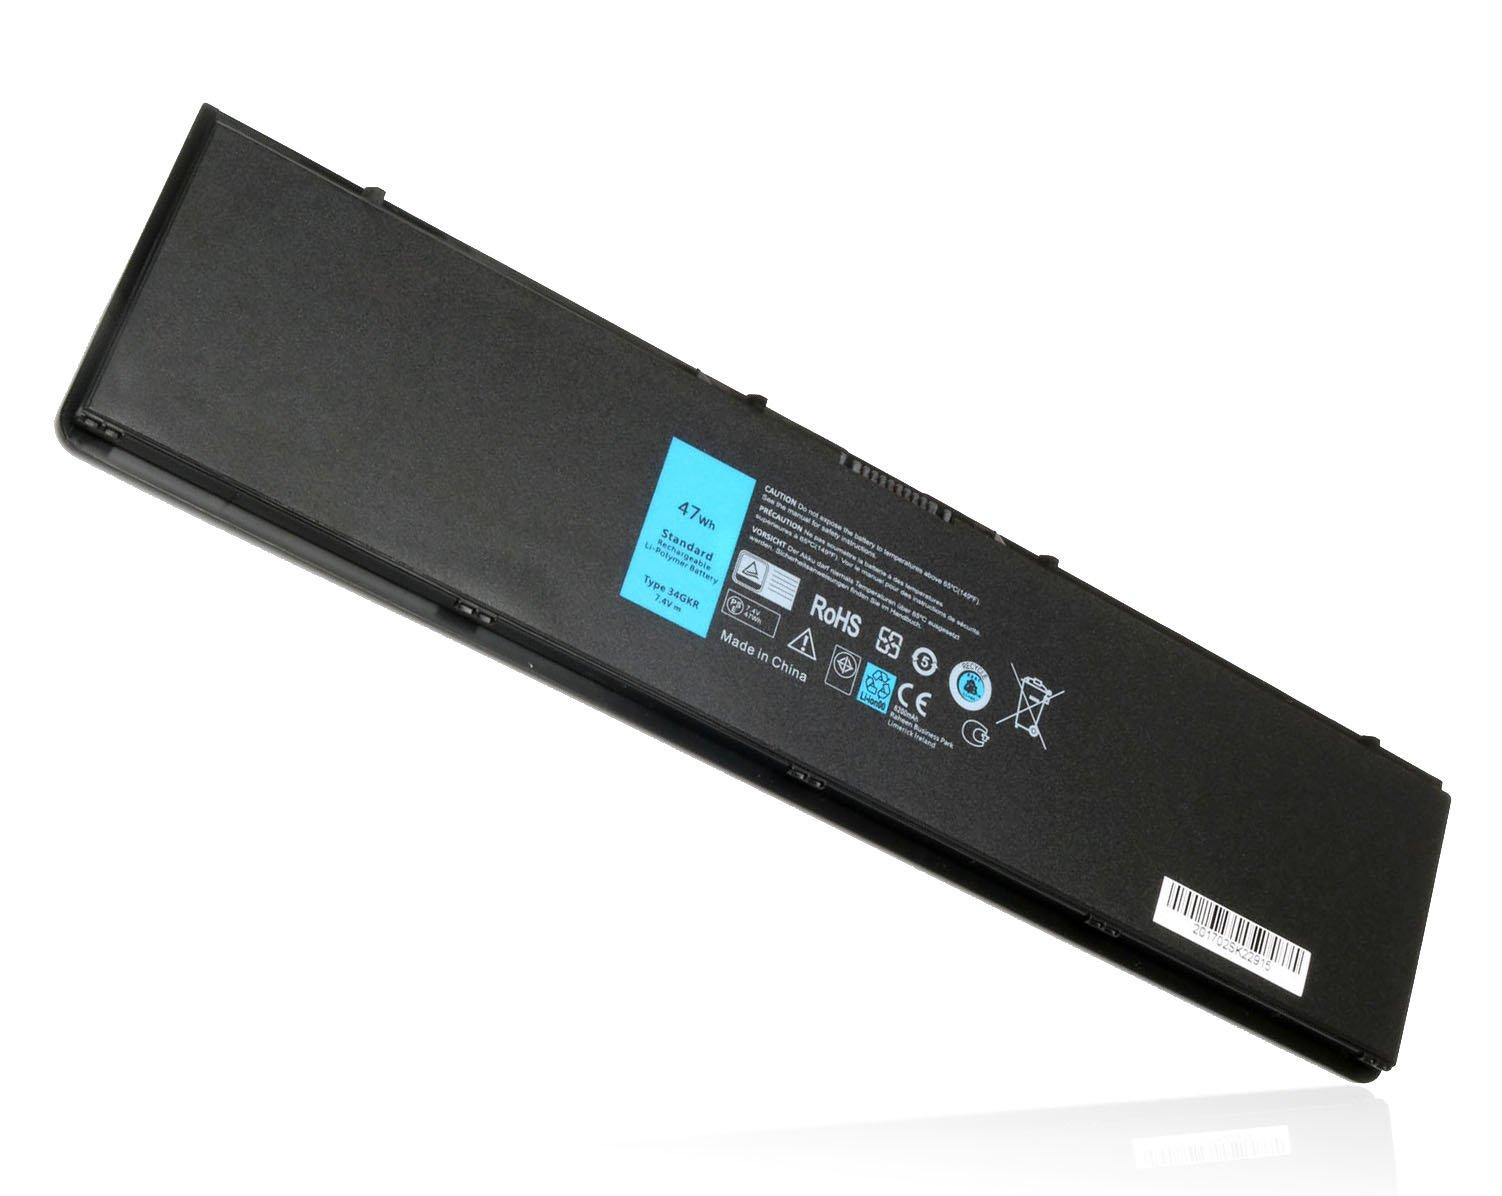 Bateria 7.4v 47wh E7440 Para Dell Latitude E7420 E225846 34gkr F38ht T19vw Pfxcr G0g2m 909h5-18